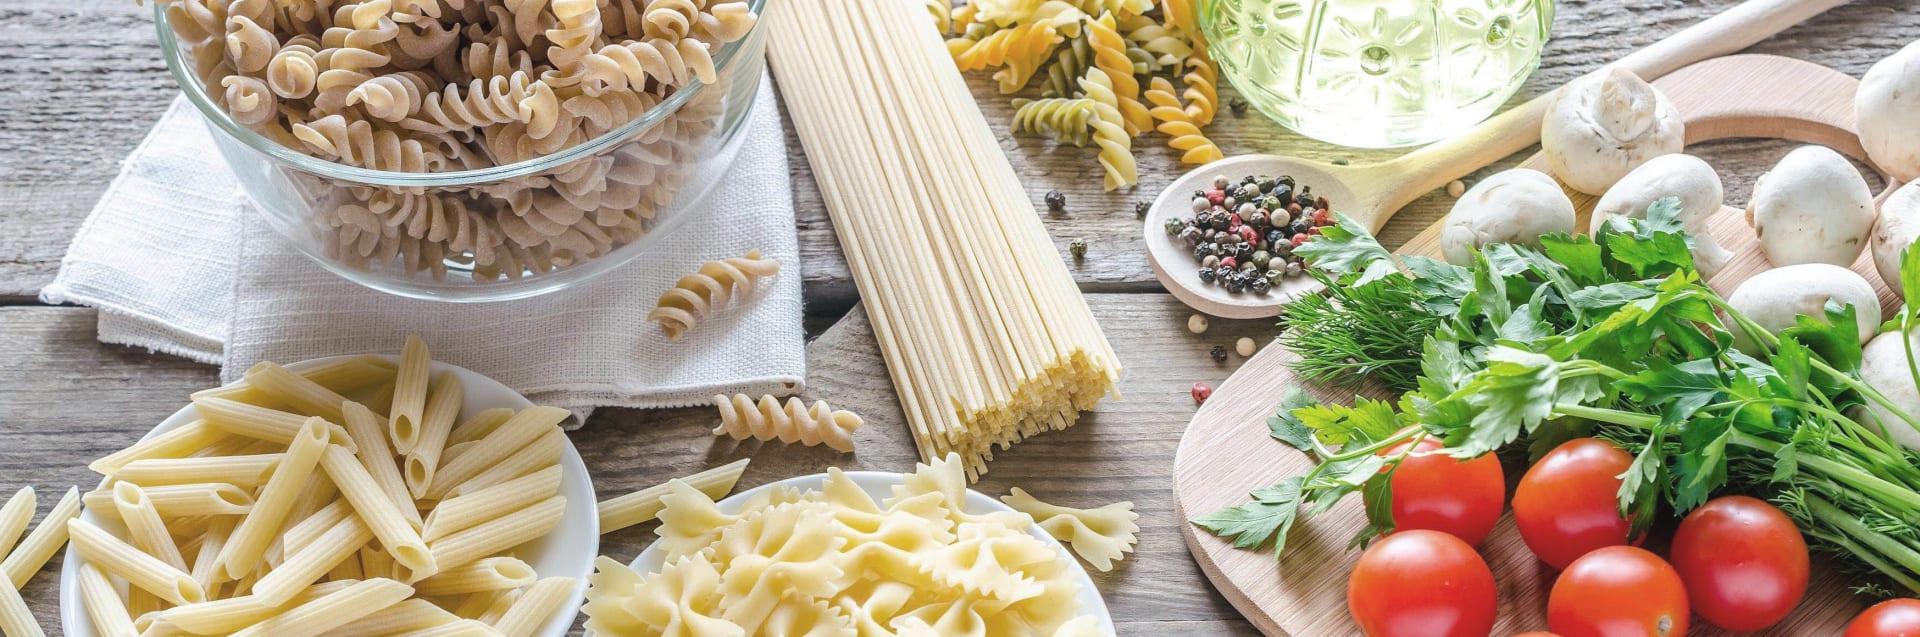 Verschiedene Nudelsorten mit Pilzen, Tomaten, Basilikum und Öl.